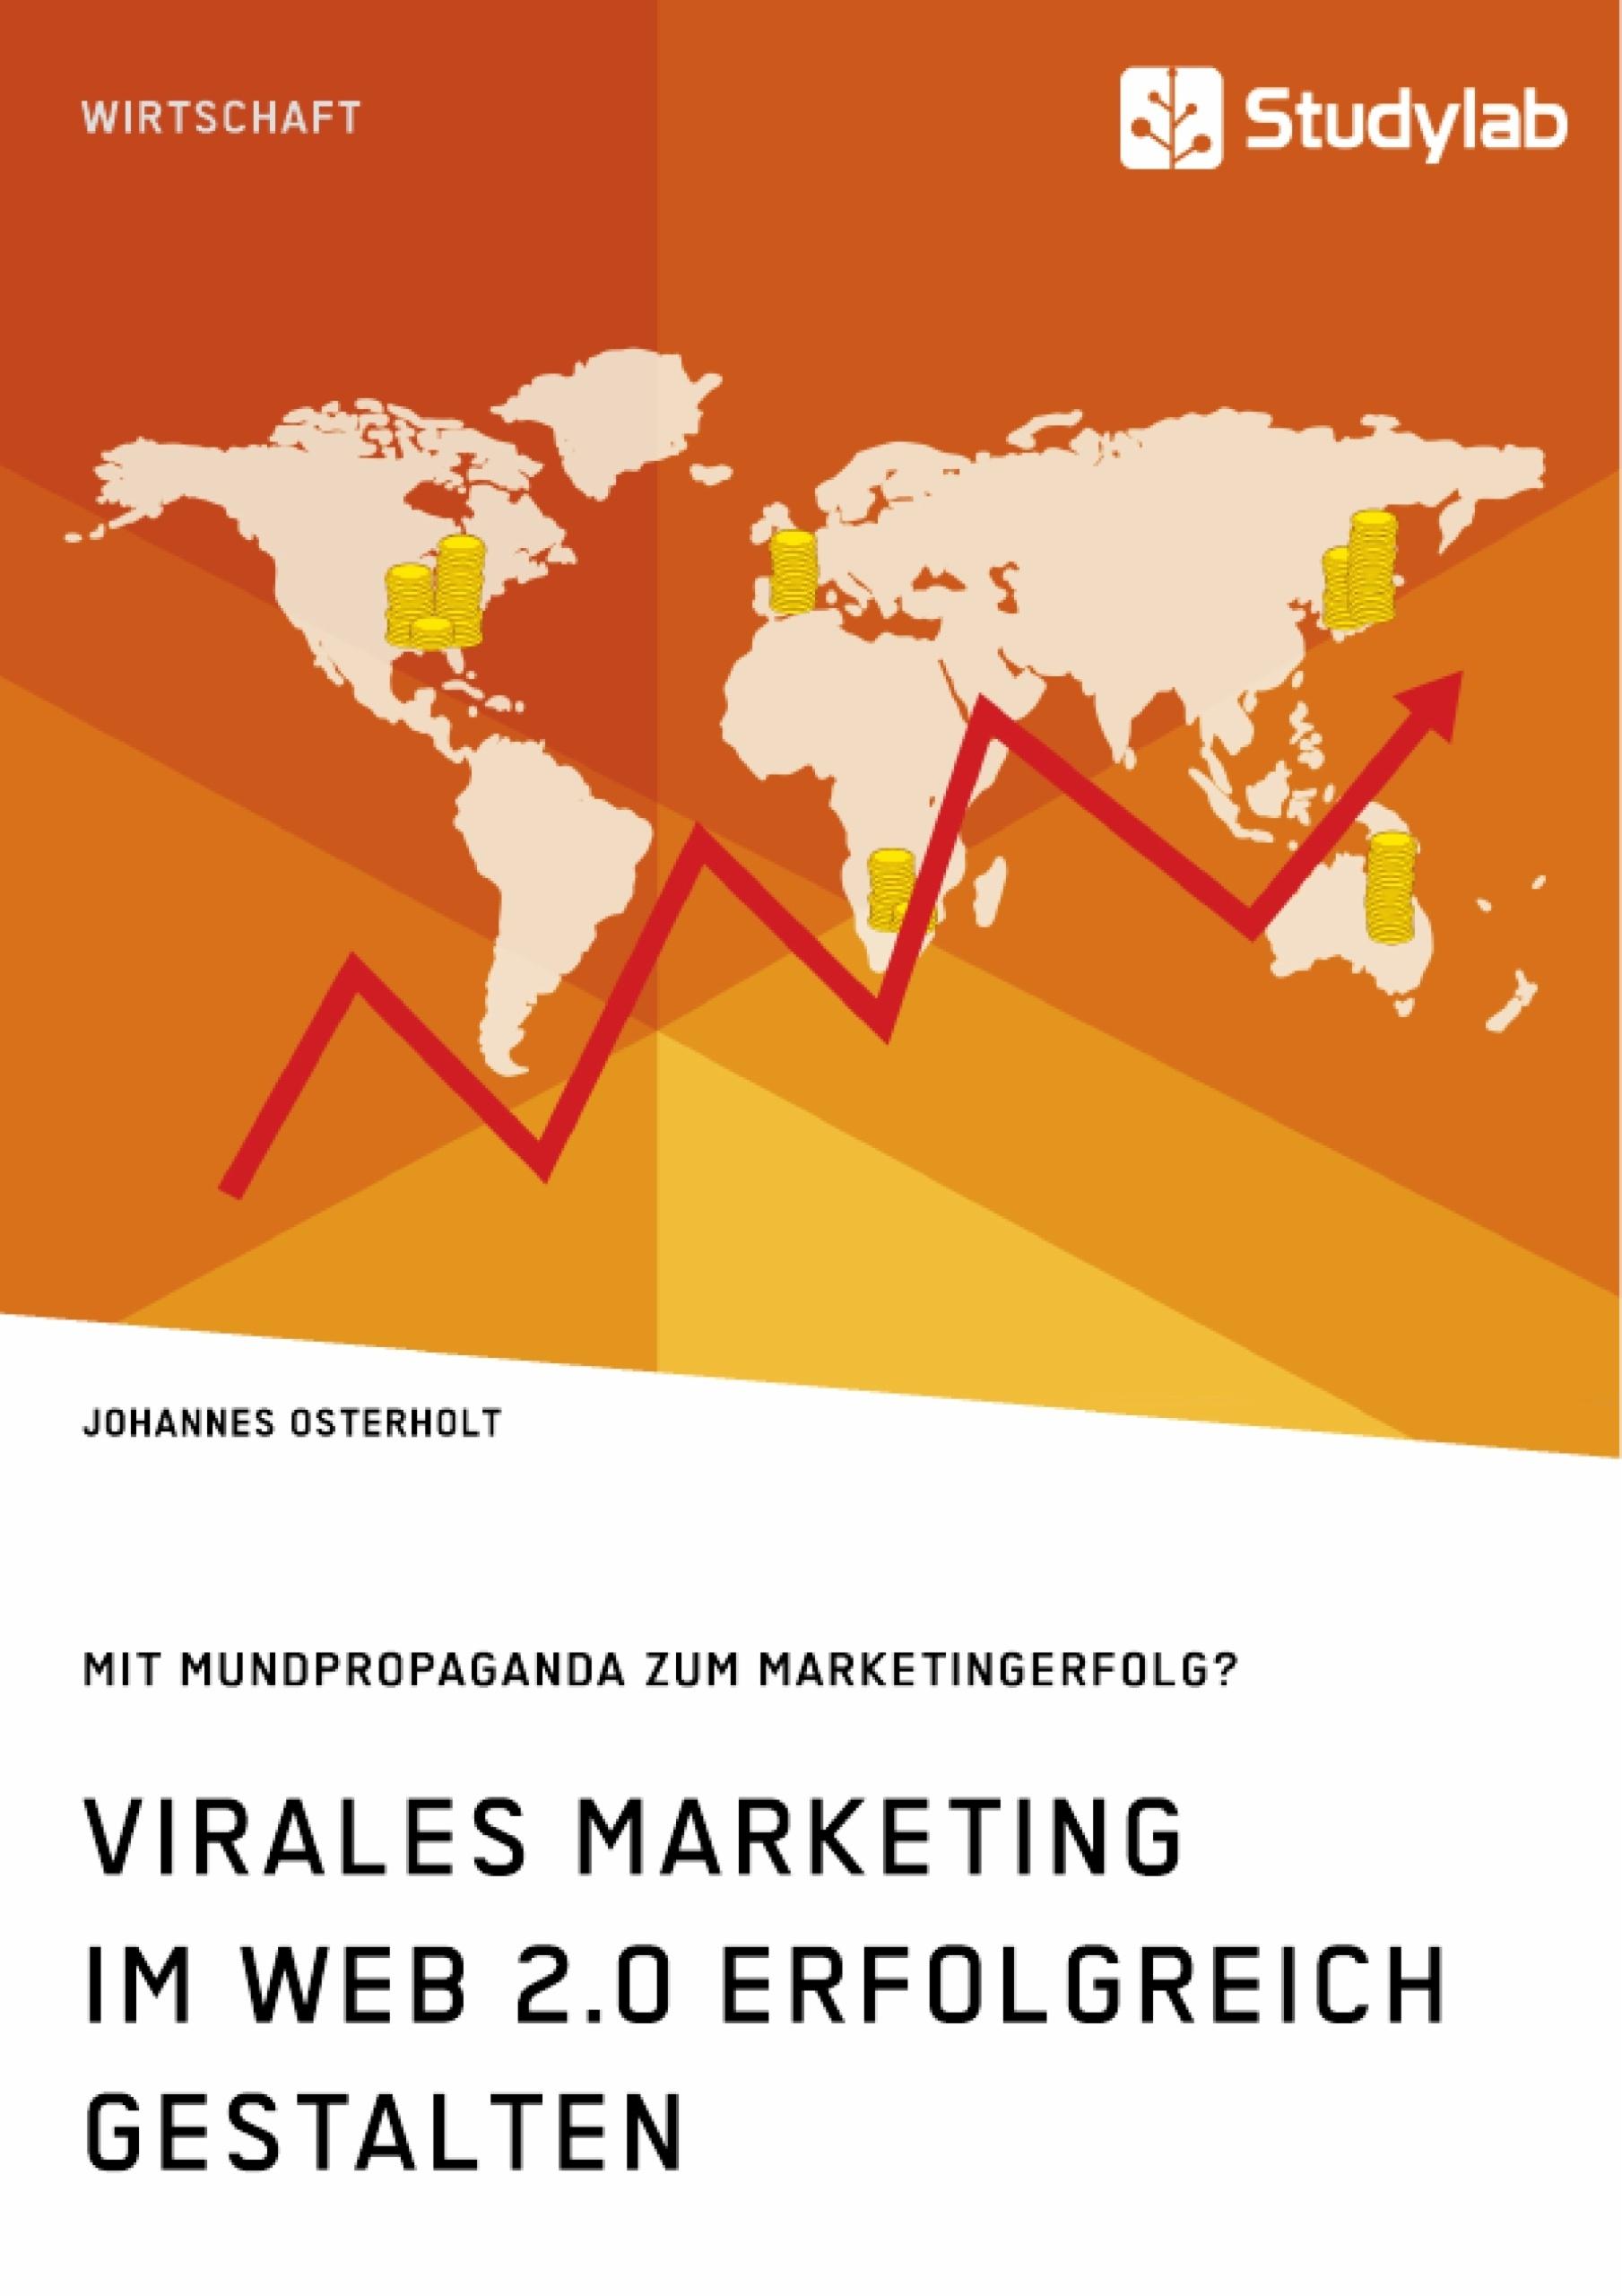 Titel: Virales Marketing im Web 2.0 erfolgreich gestalten. Mit Mundpropaganda zum Marketingerfolg?